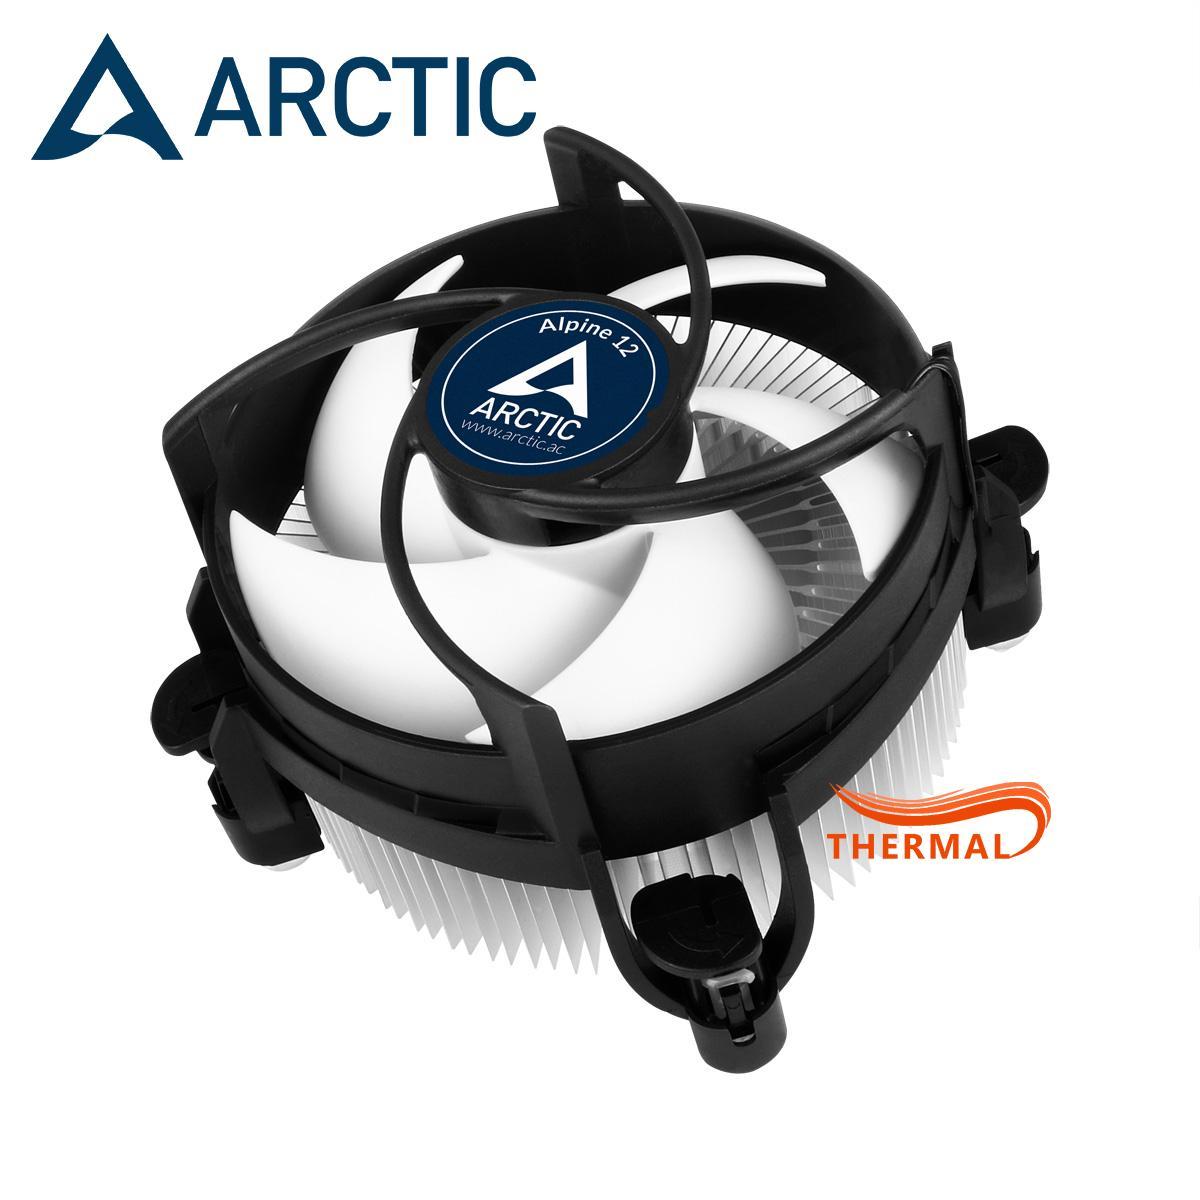 Quạt Tản Nhiệt Cpu Arctic Alpine 12 [ThermalVN] - Hiệu Năng Tốt, Quay Êm, Tuổi Thọ Cao